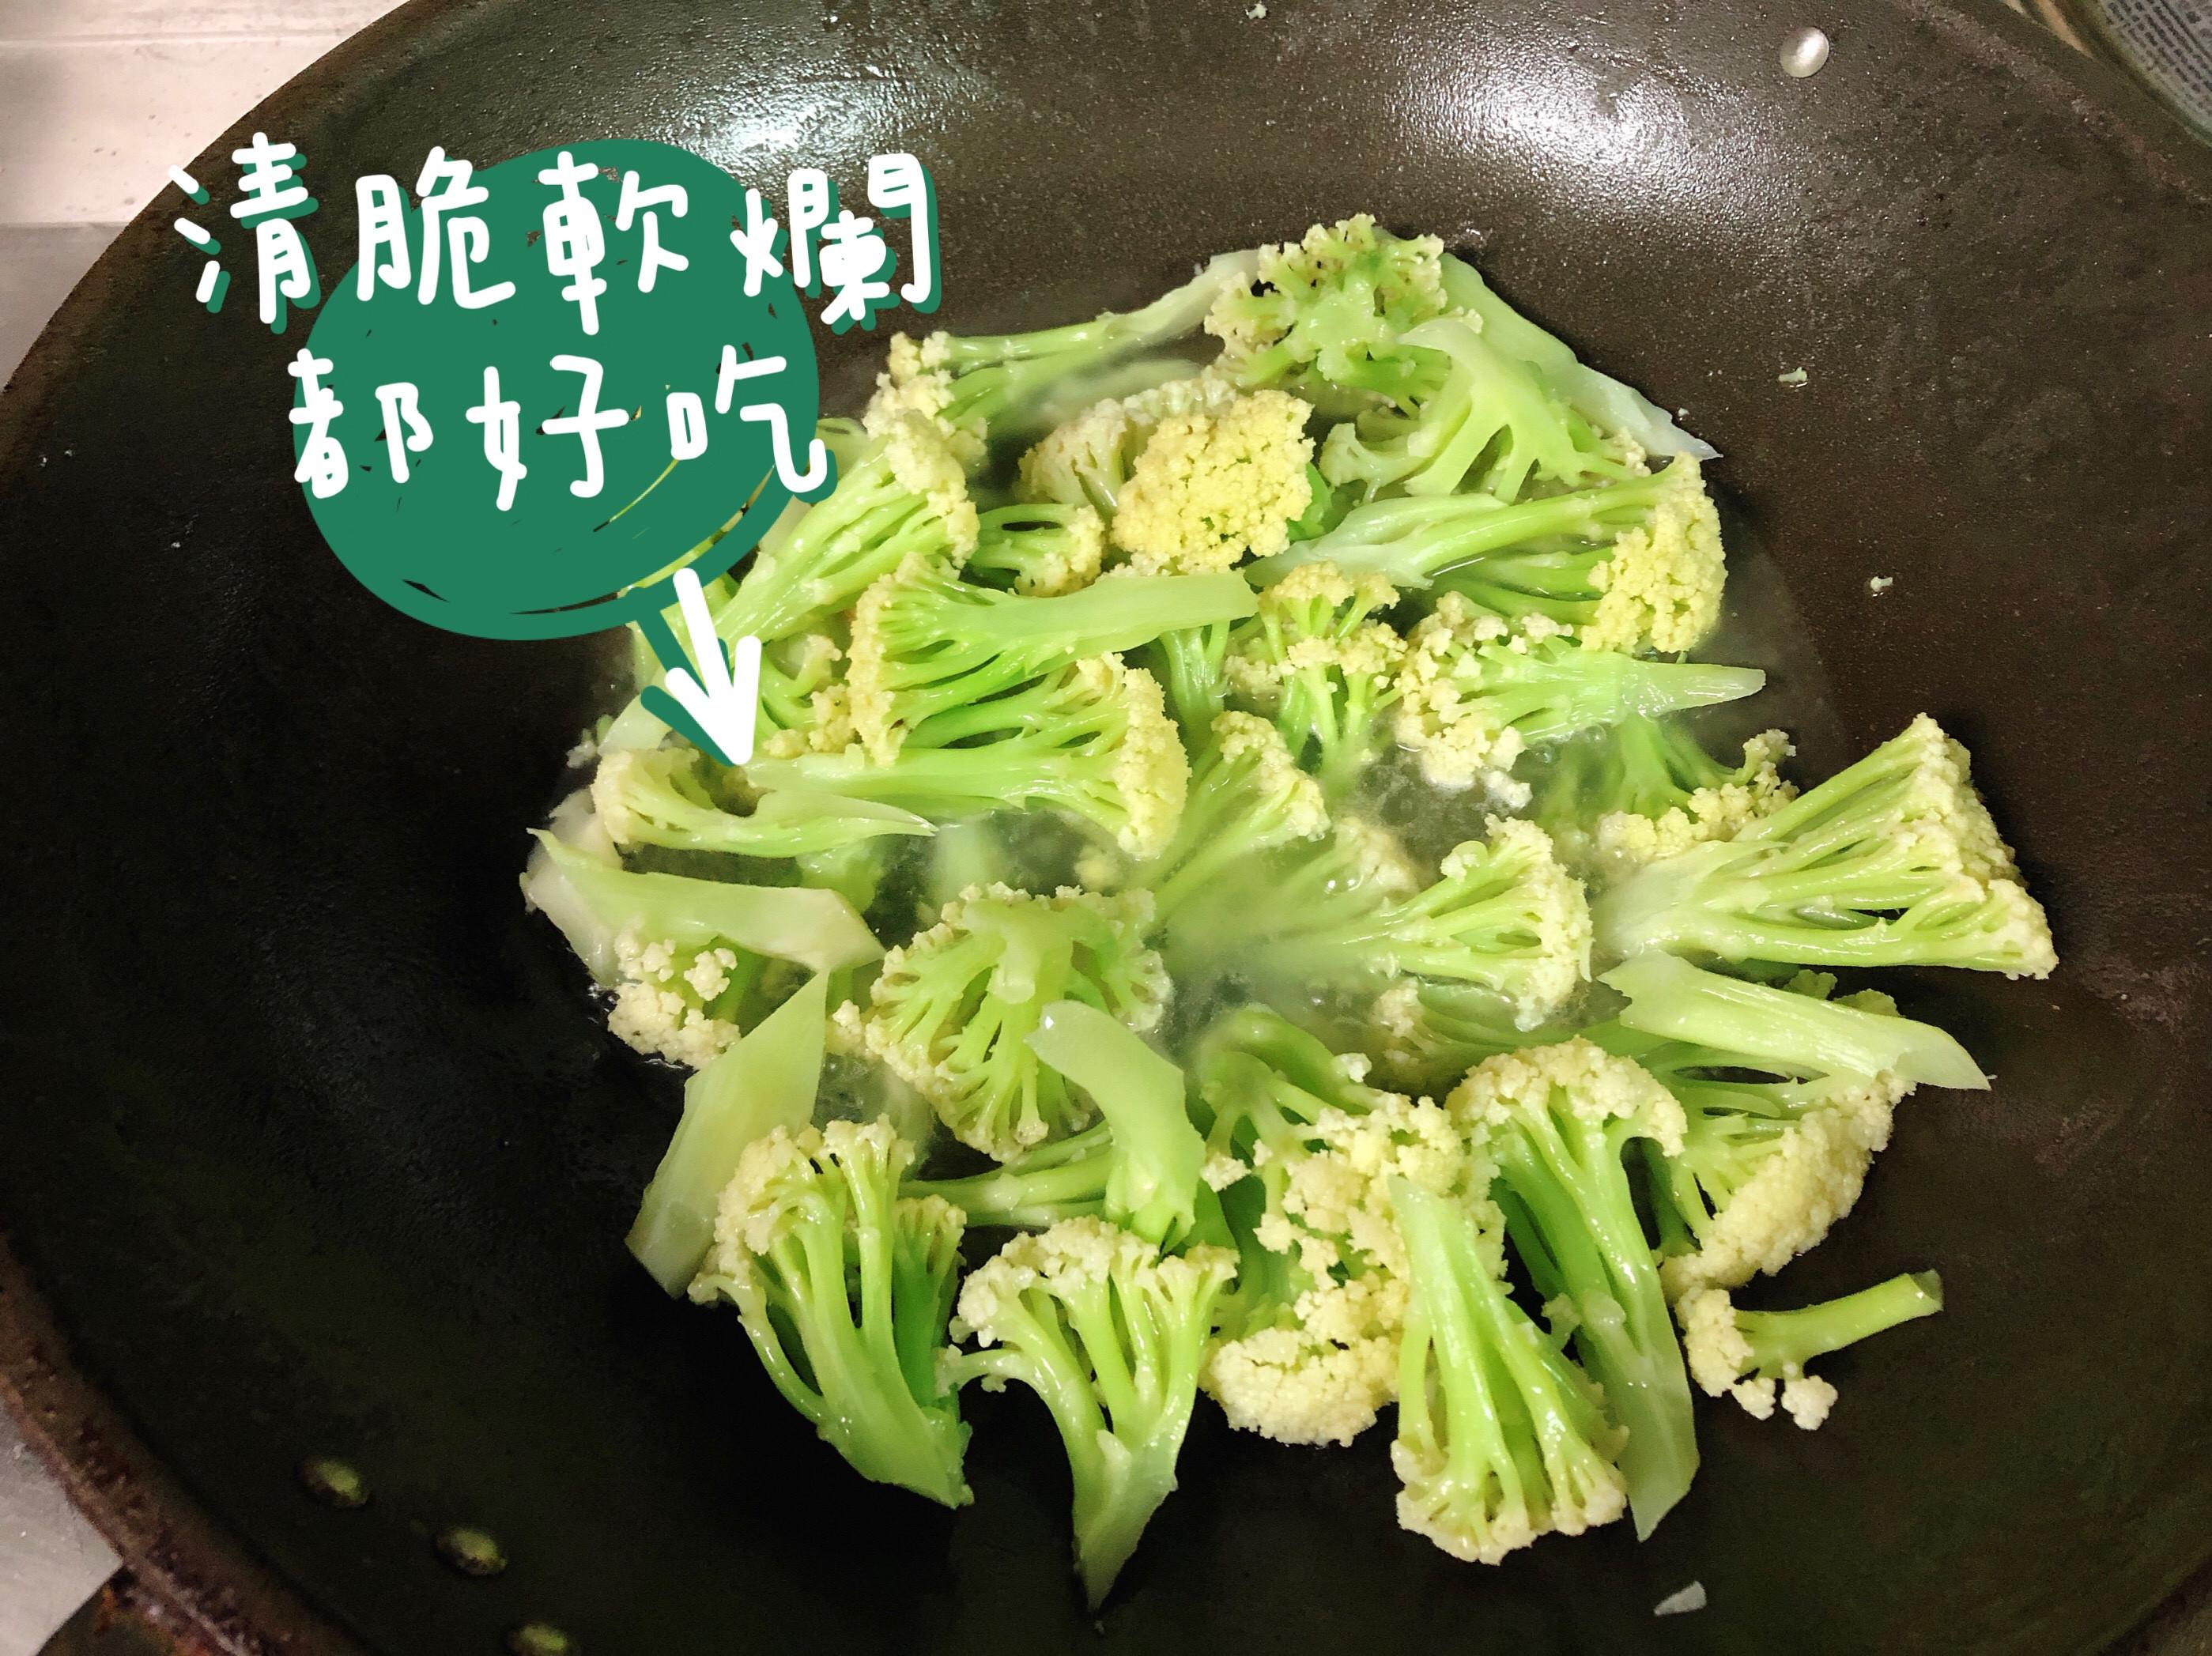 超簡單健康料理:蒜香花椰菜、清炒花椰菜